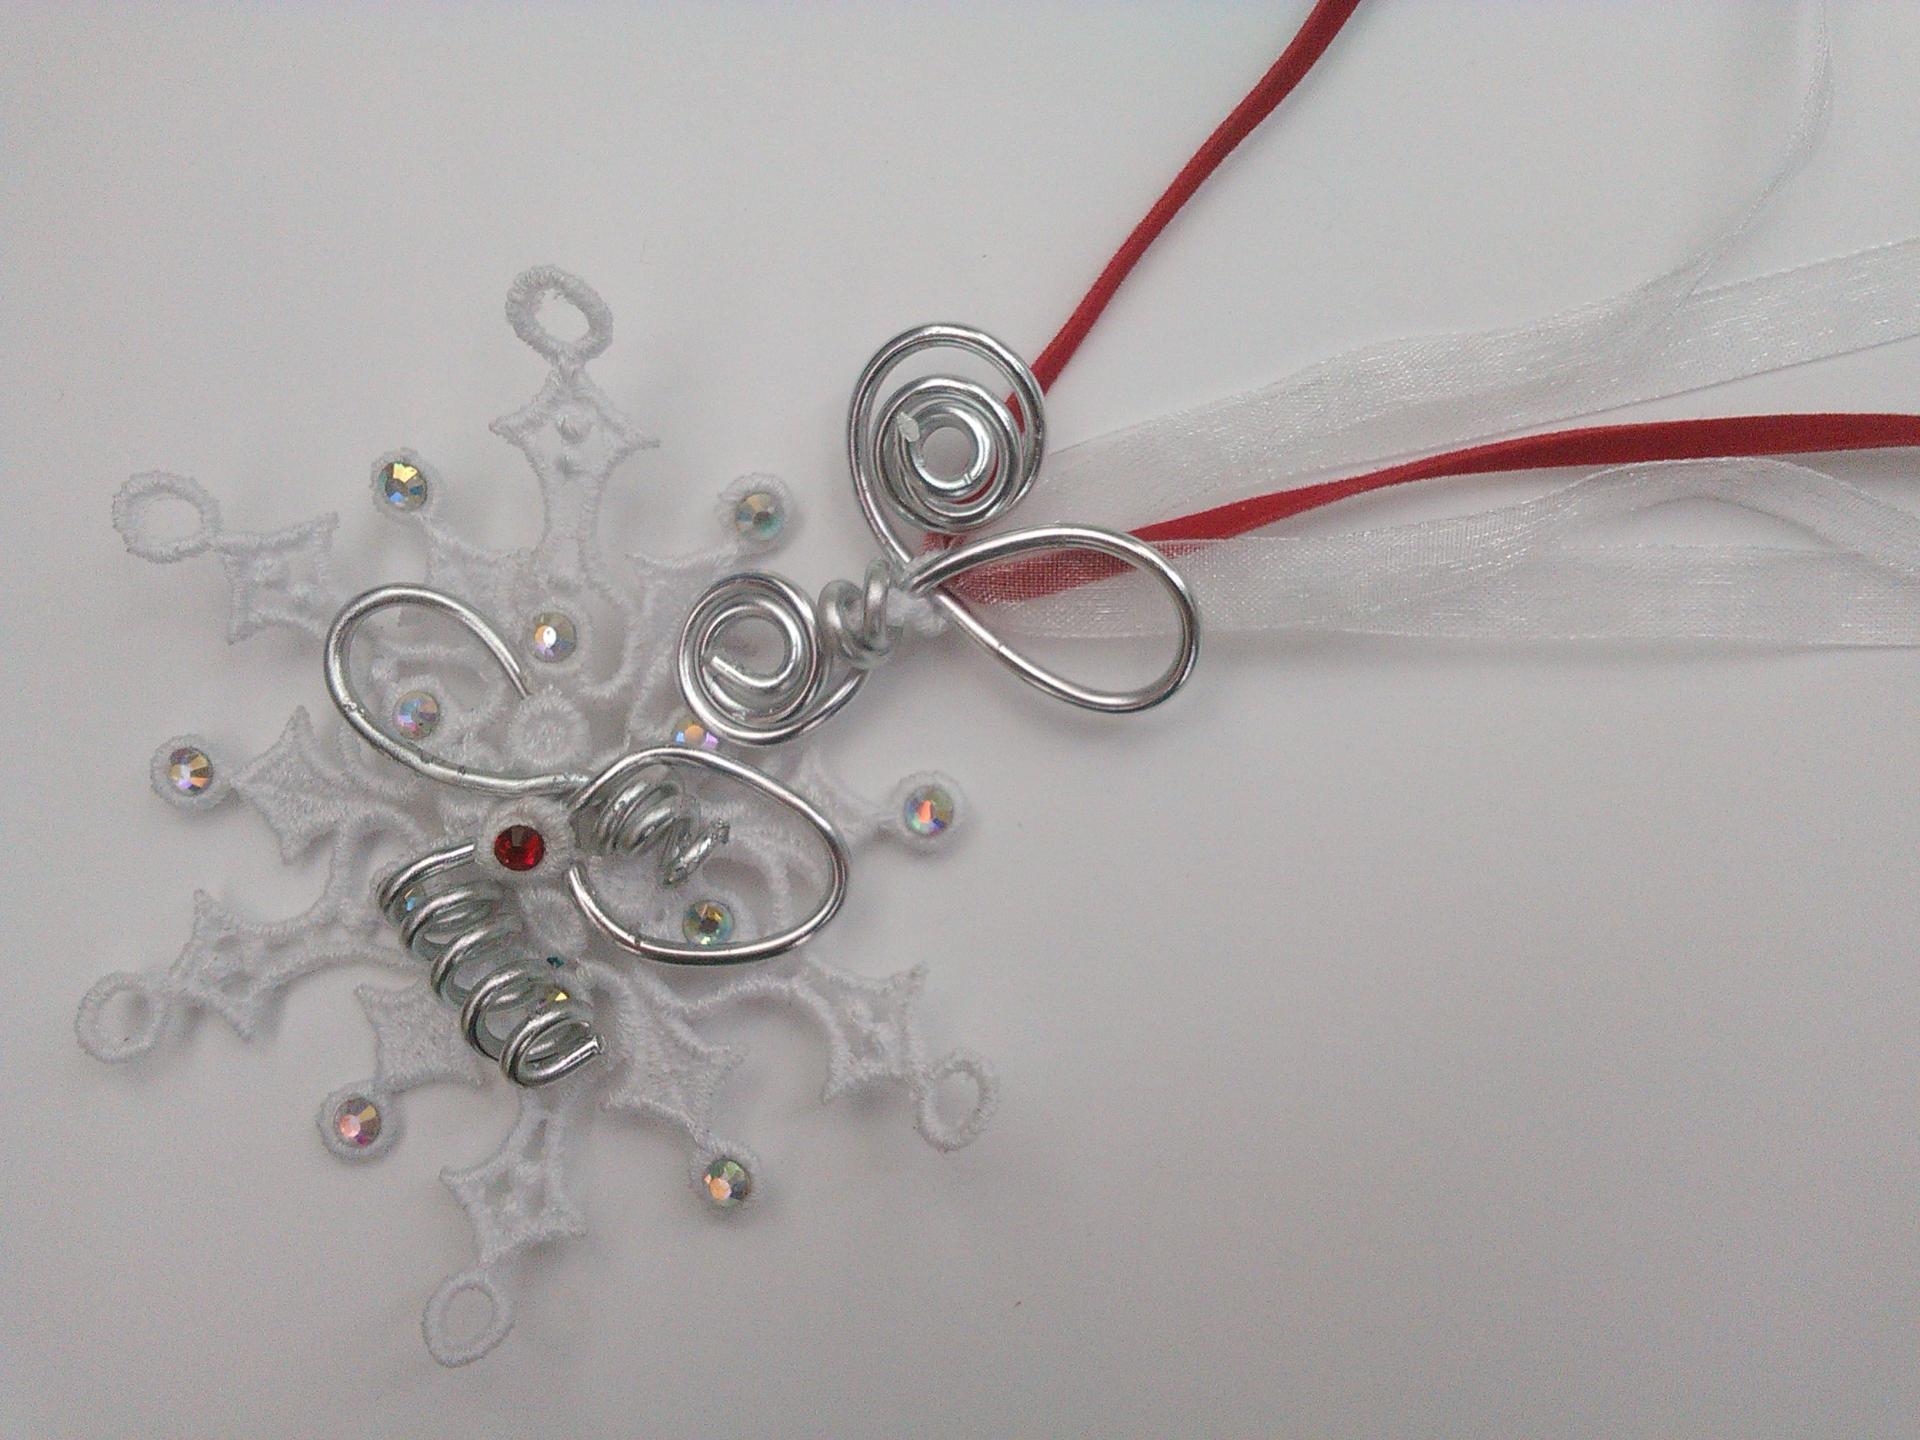 Parure sautoir marie angele qualite materiaux precieux fantaisie perles de qualite fils tresses couleurs travaillees main pieces de dentelle brodees main fifi au jardin precious